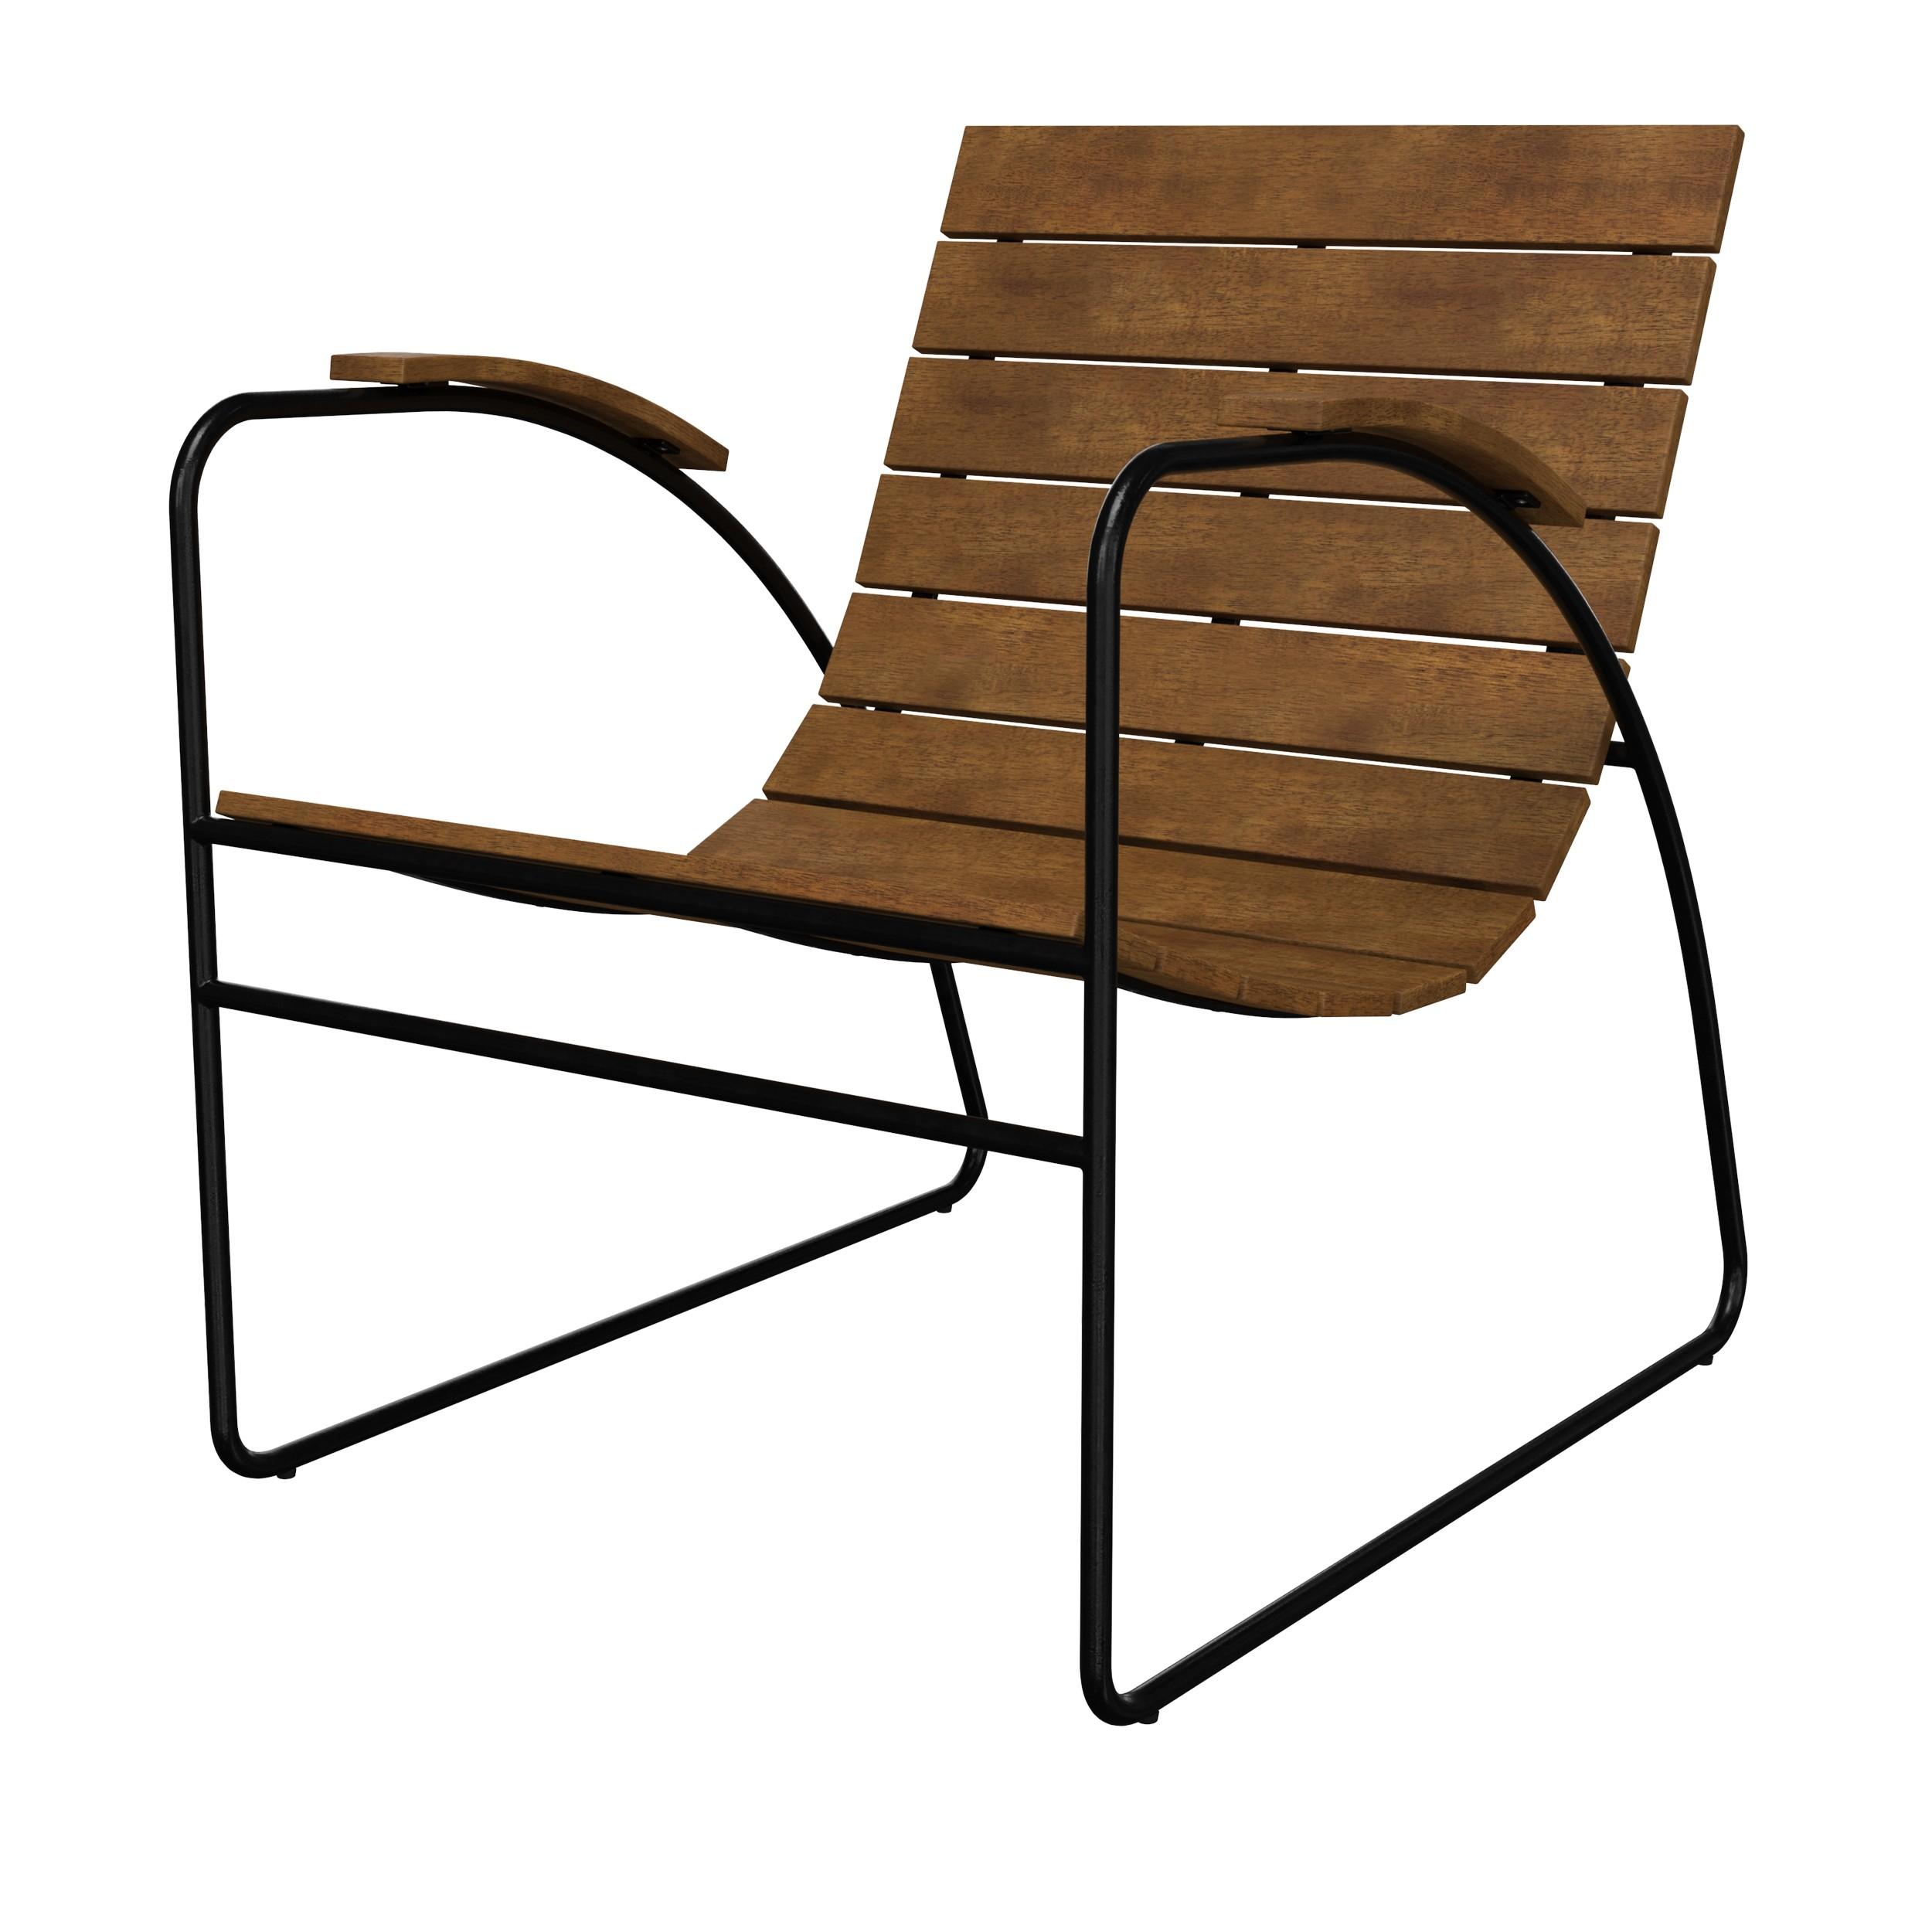 acheter fauteuil d exterieur en bois fonce